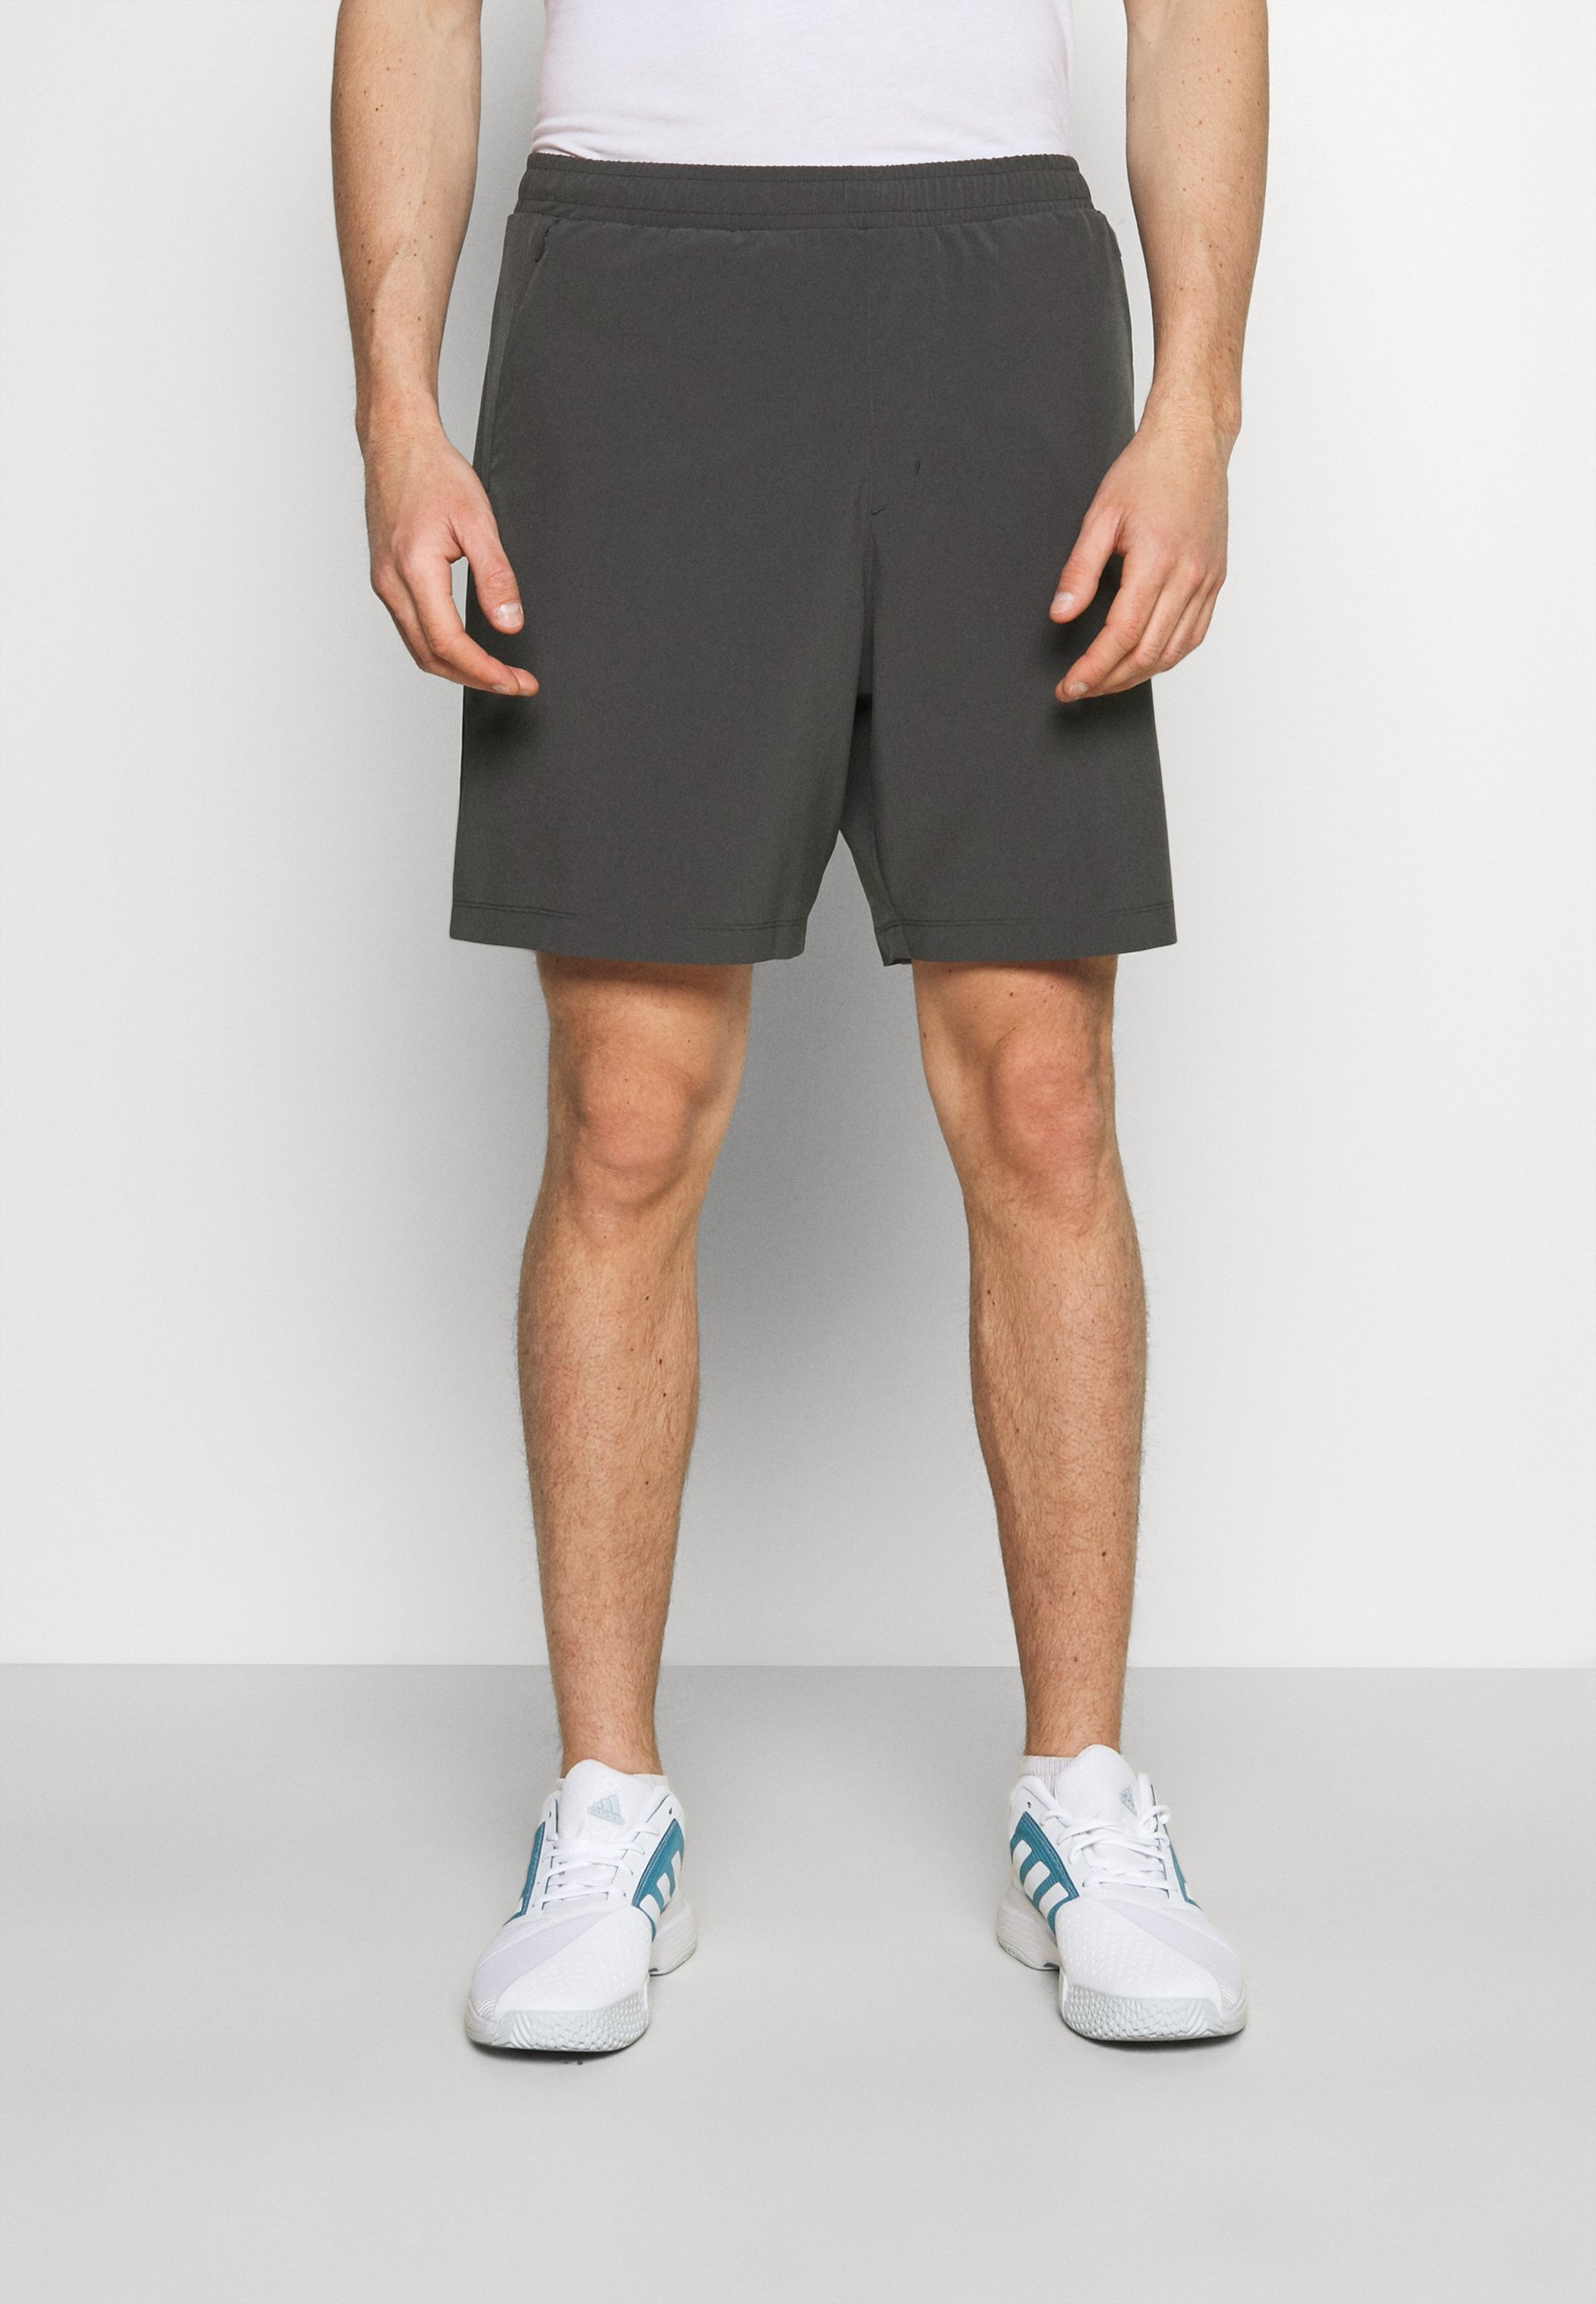 Herren LOGO TRAINING SHORT - kurze Sporthose